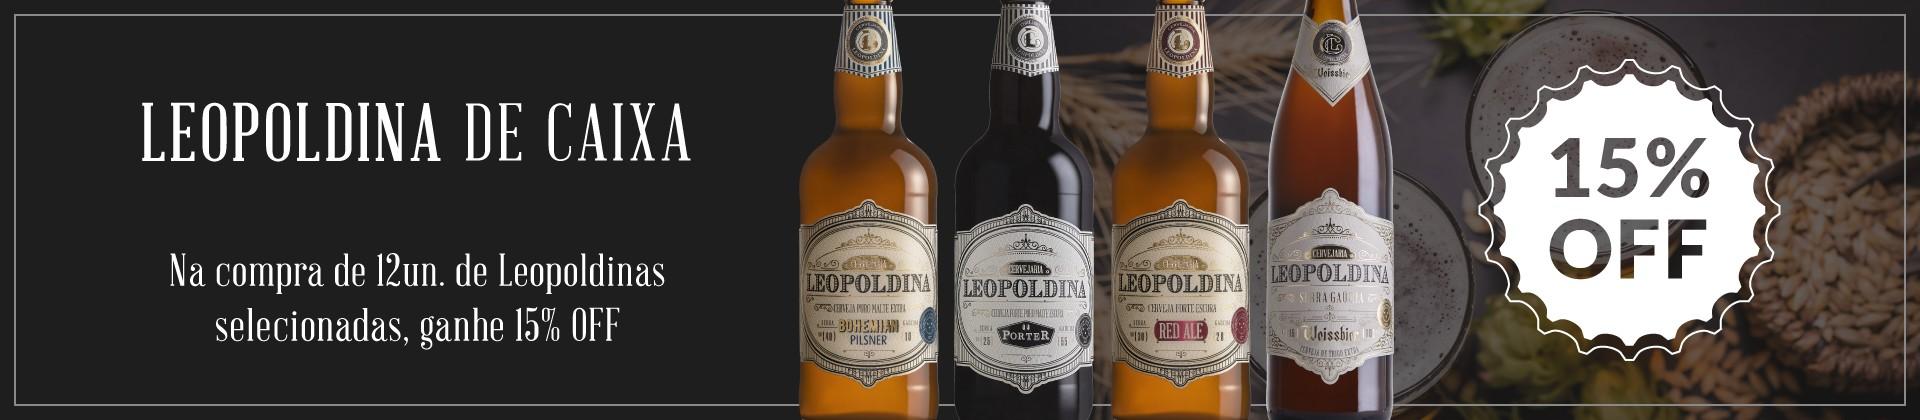 Banner principal Cervejaria Leopoldina Caixa Fechada Desktop